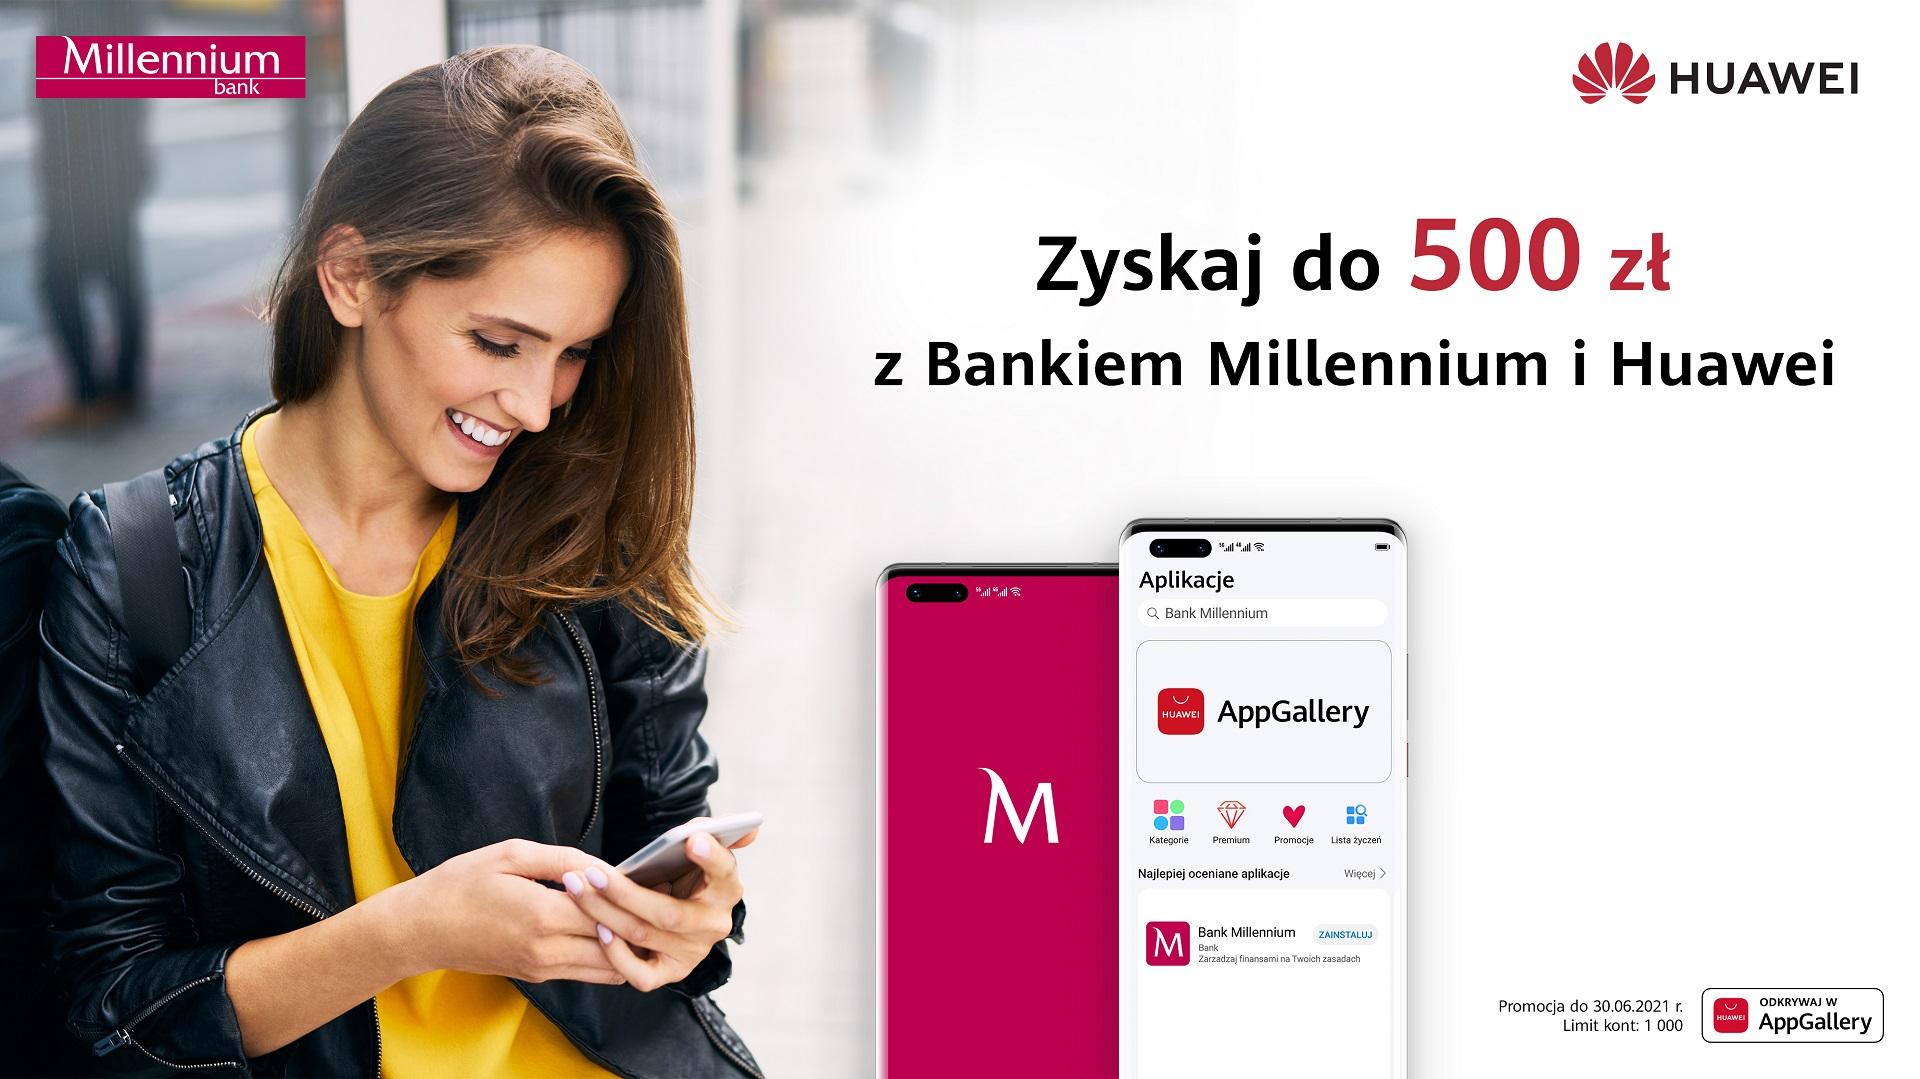 promocja Huawei Millennium premia do 500 złotych